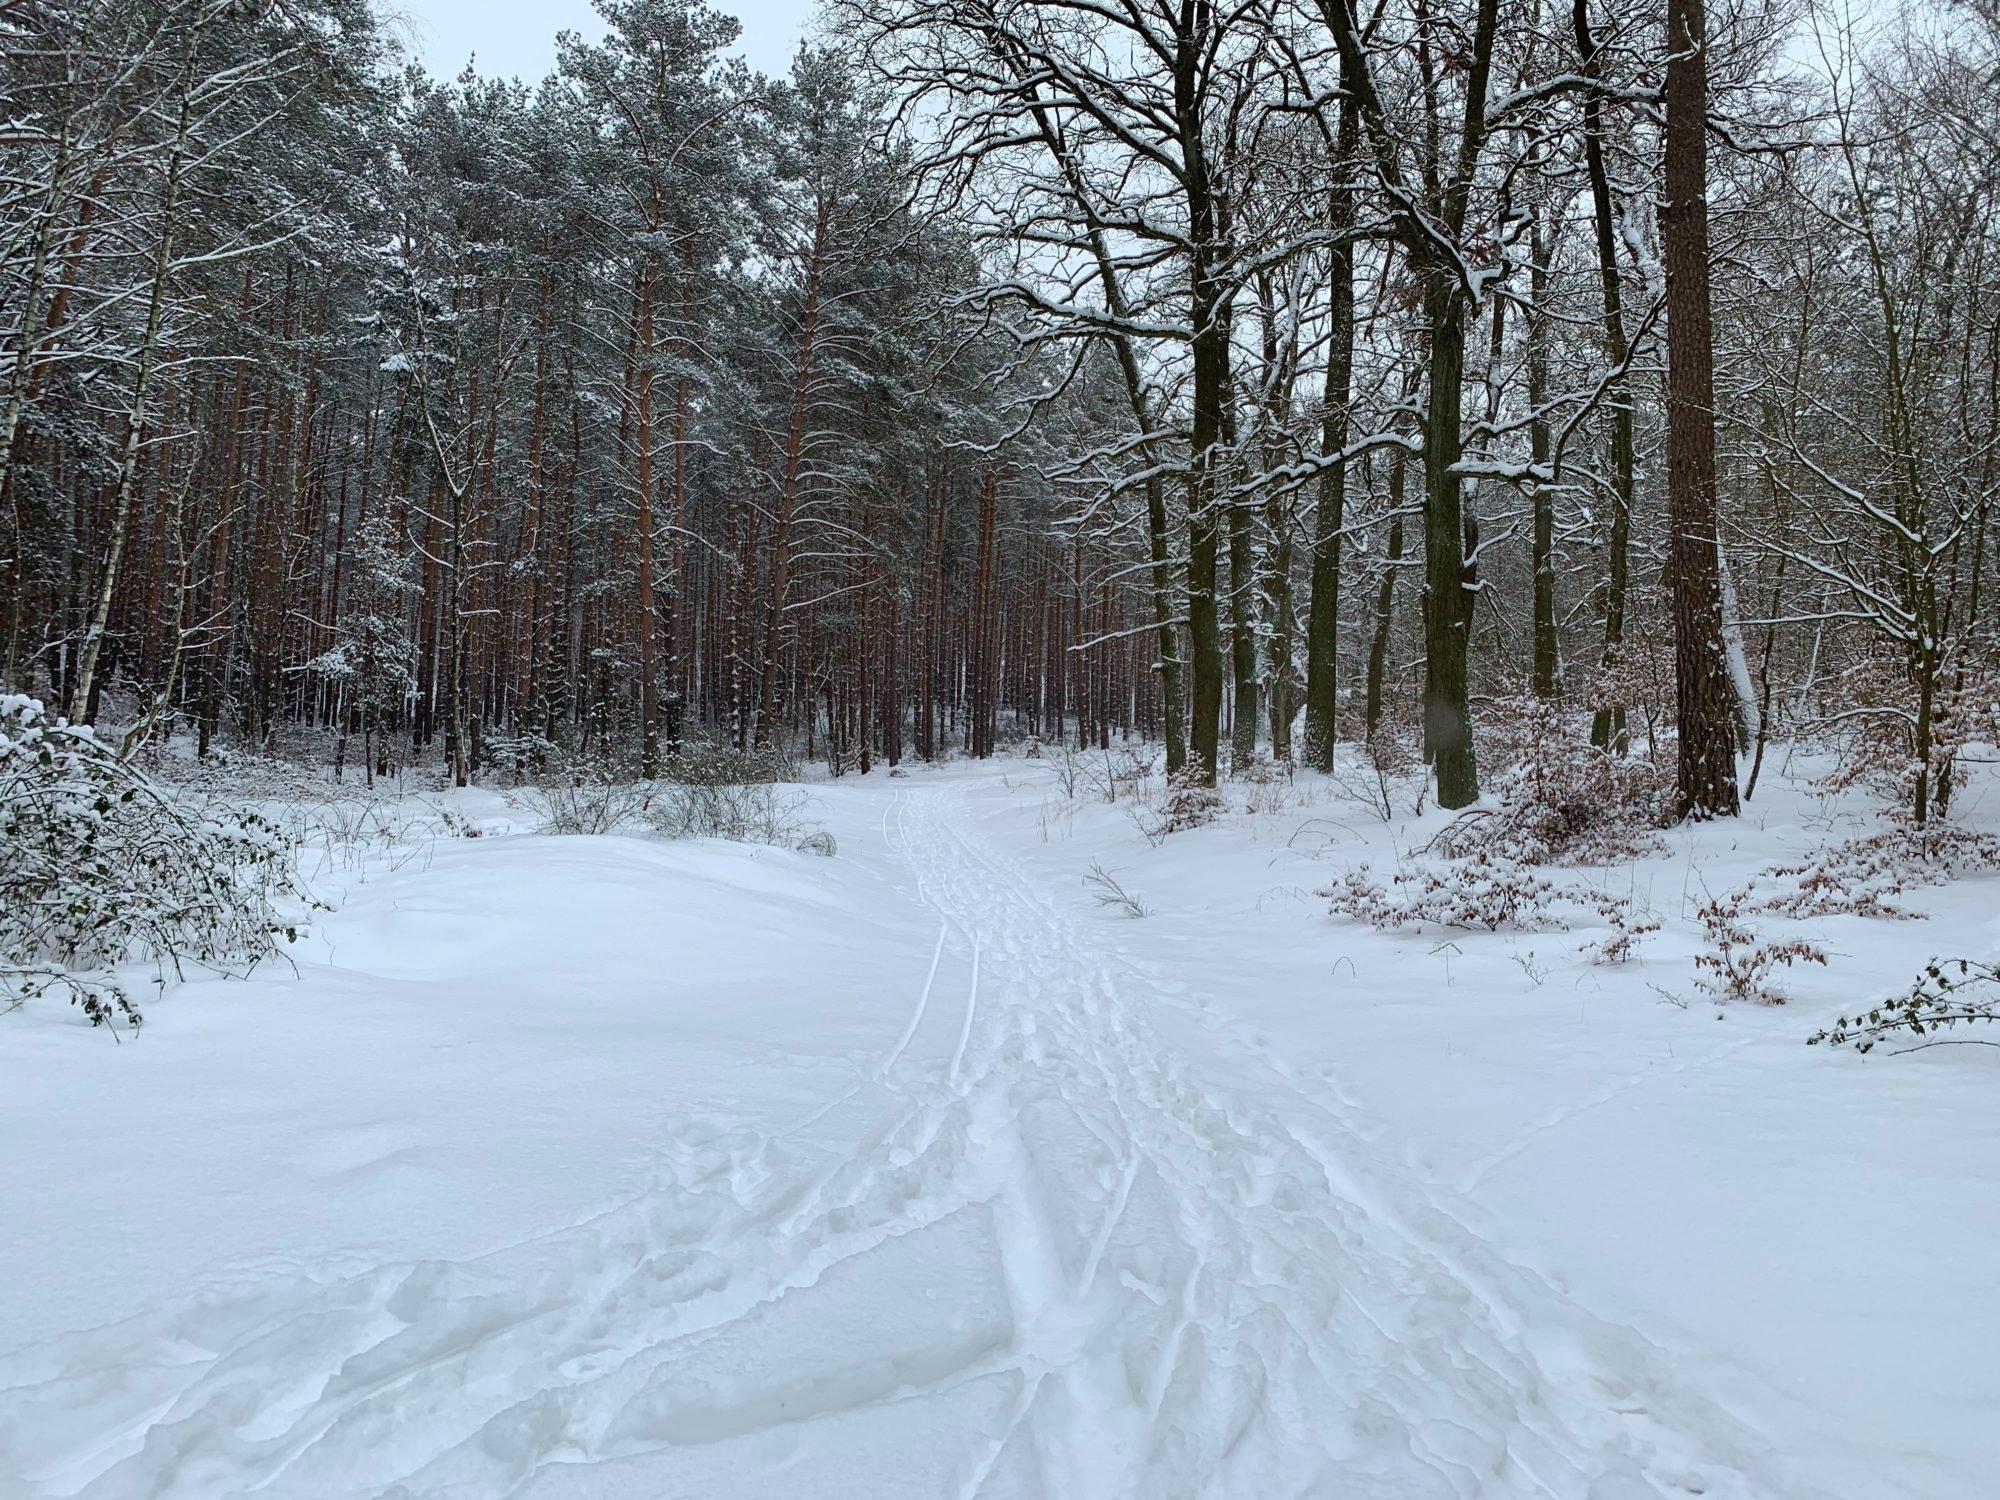 Ein schneebedeckter Waldweg.